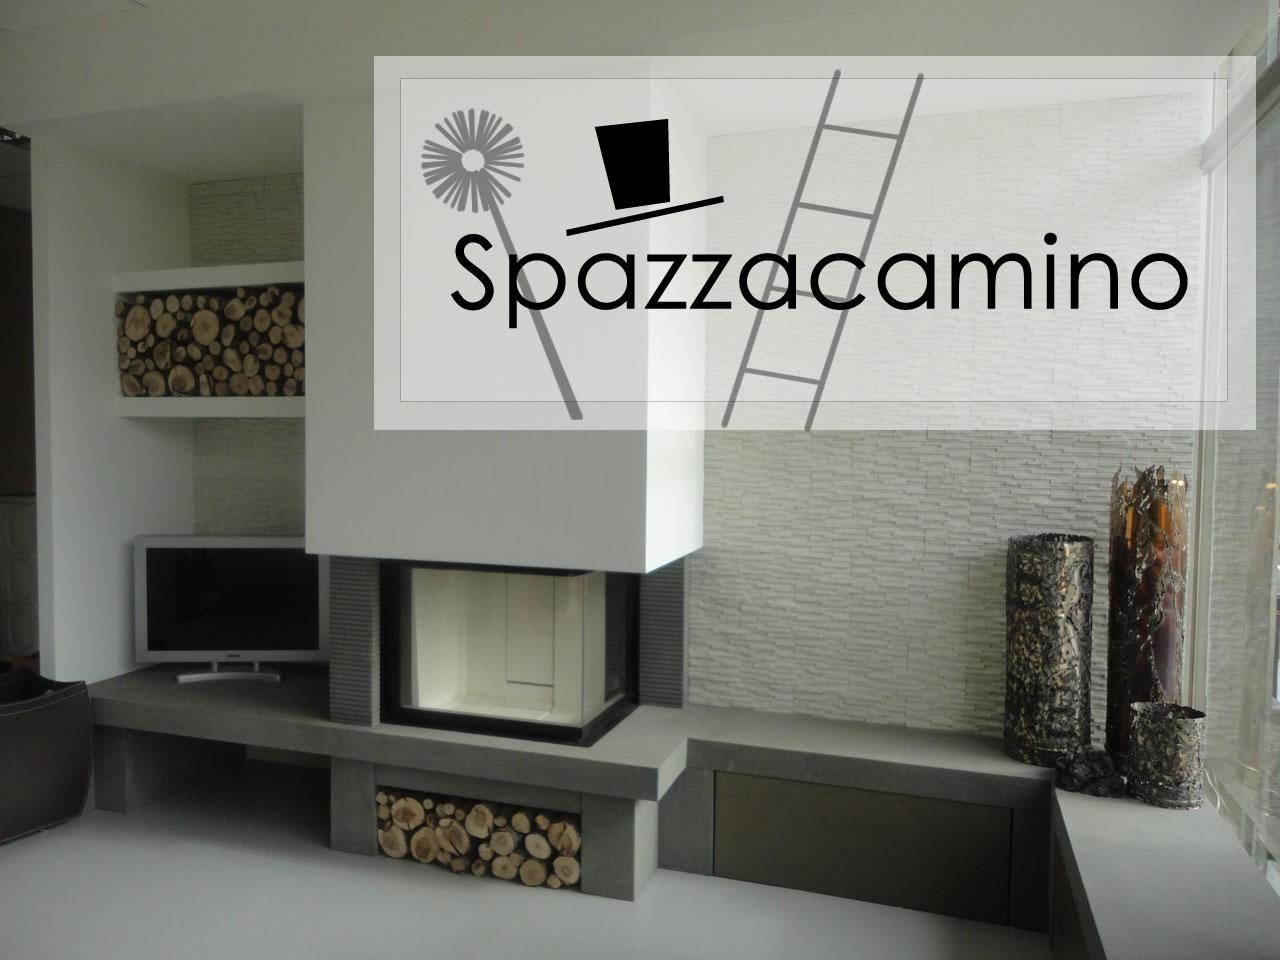 Bruzzano Milano - Spazzacamino Camino a Bruzzano Milano